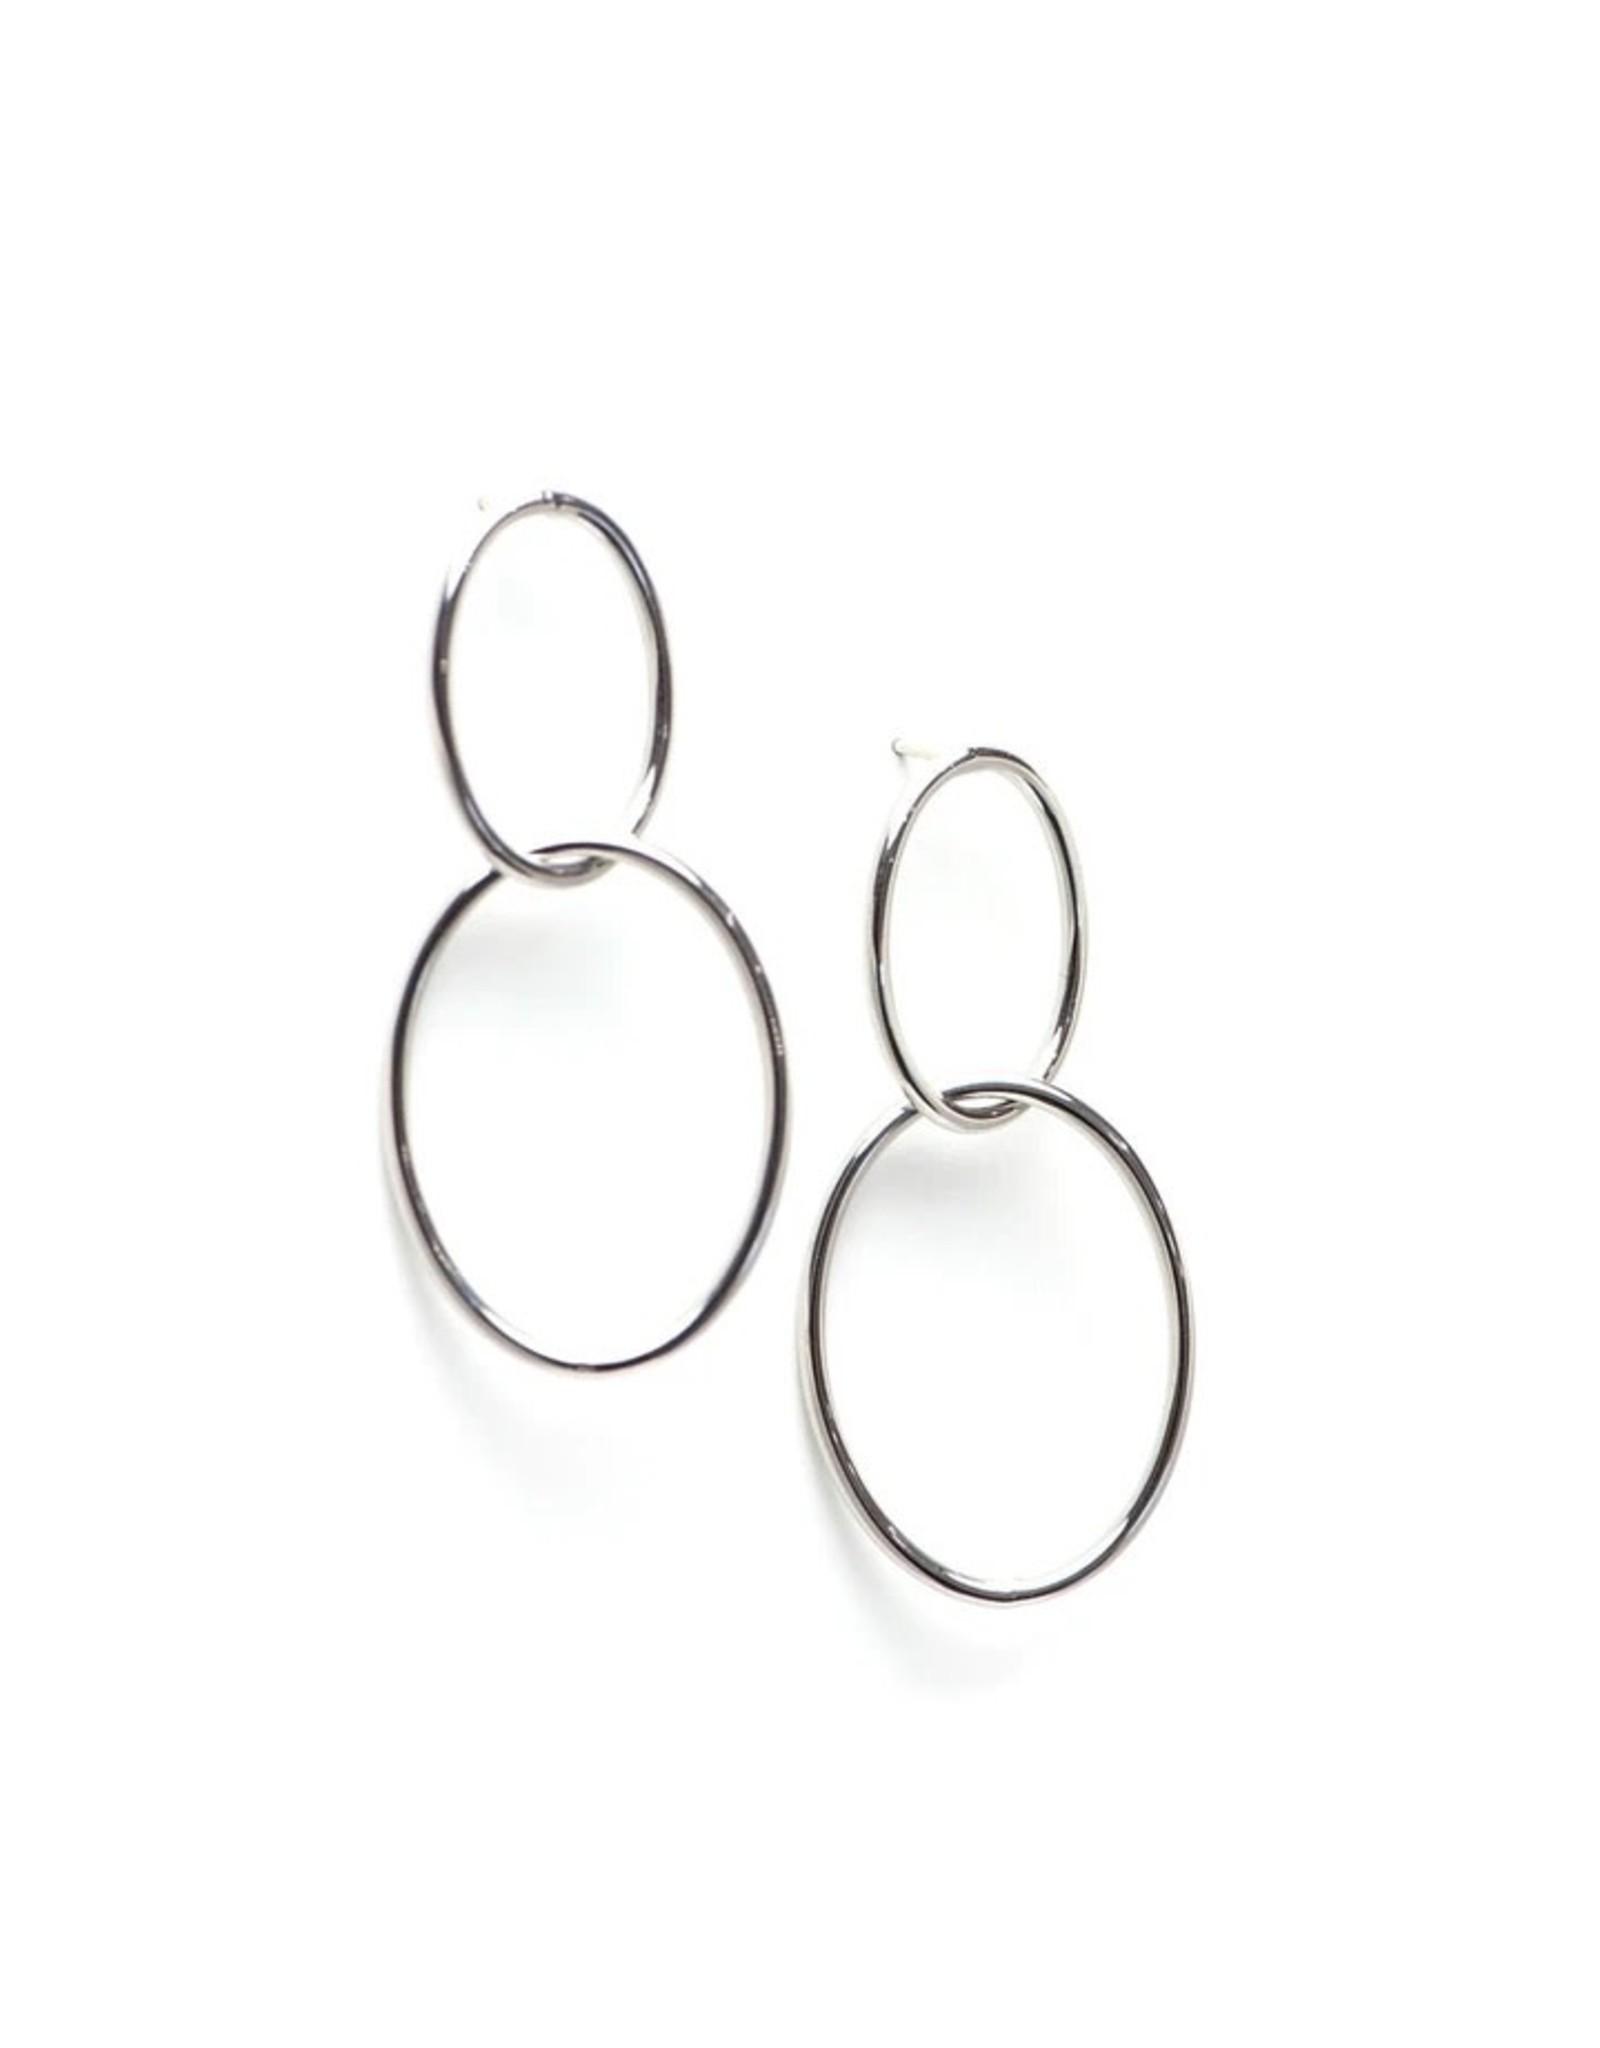 Silver Infinity Hoop Earrings